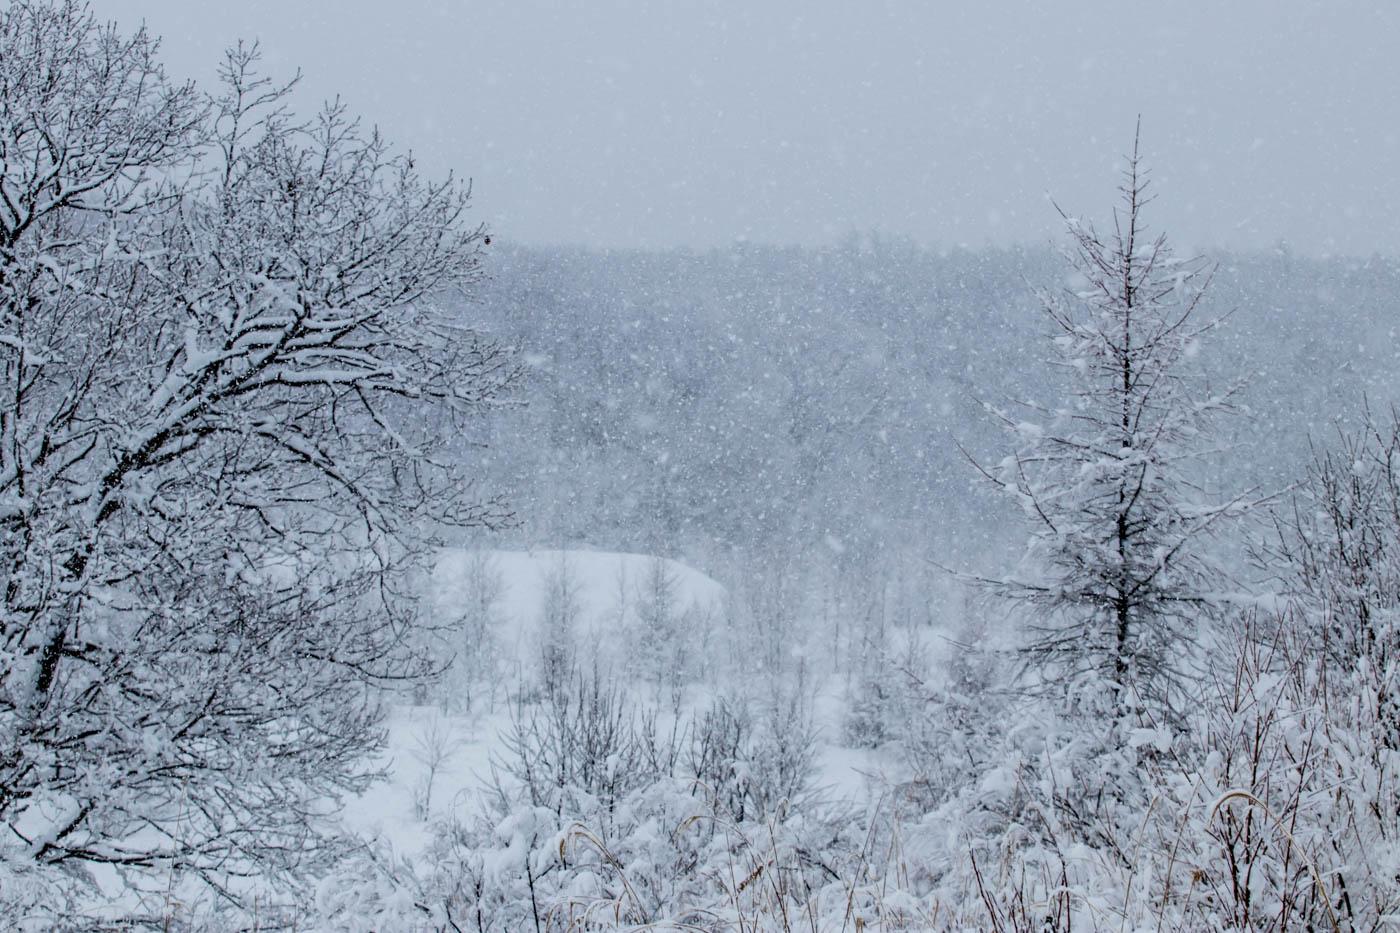 Heavy Snowfall Around New Chitose Airport